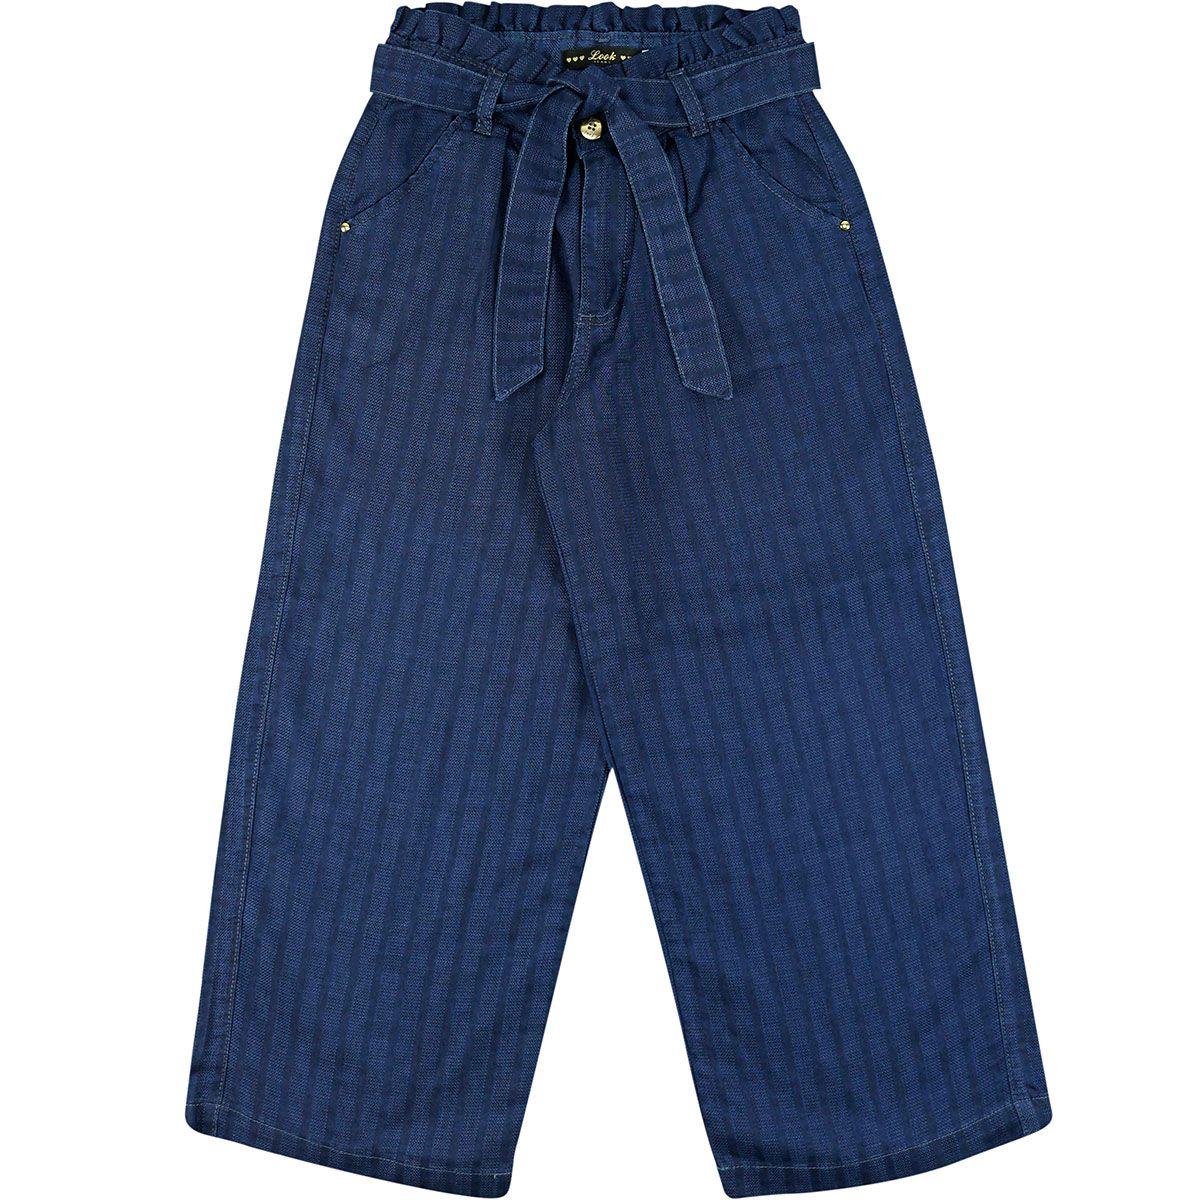 Calça Look Jeans Pantacourt Feminina Azul